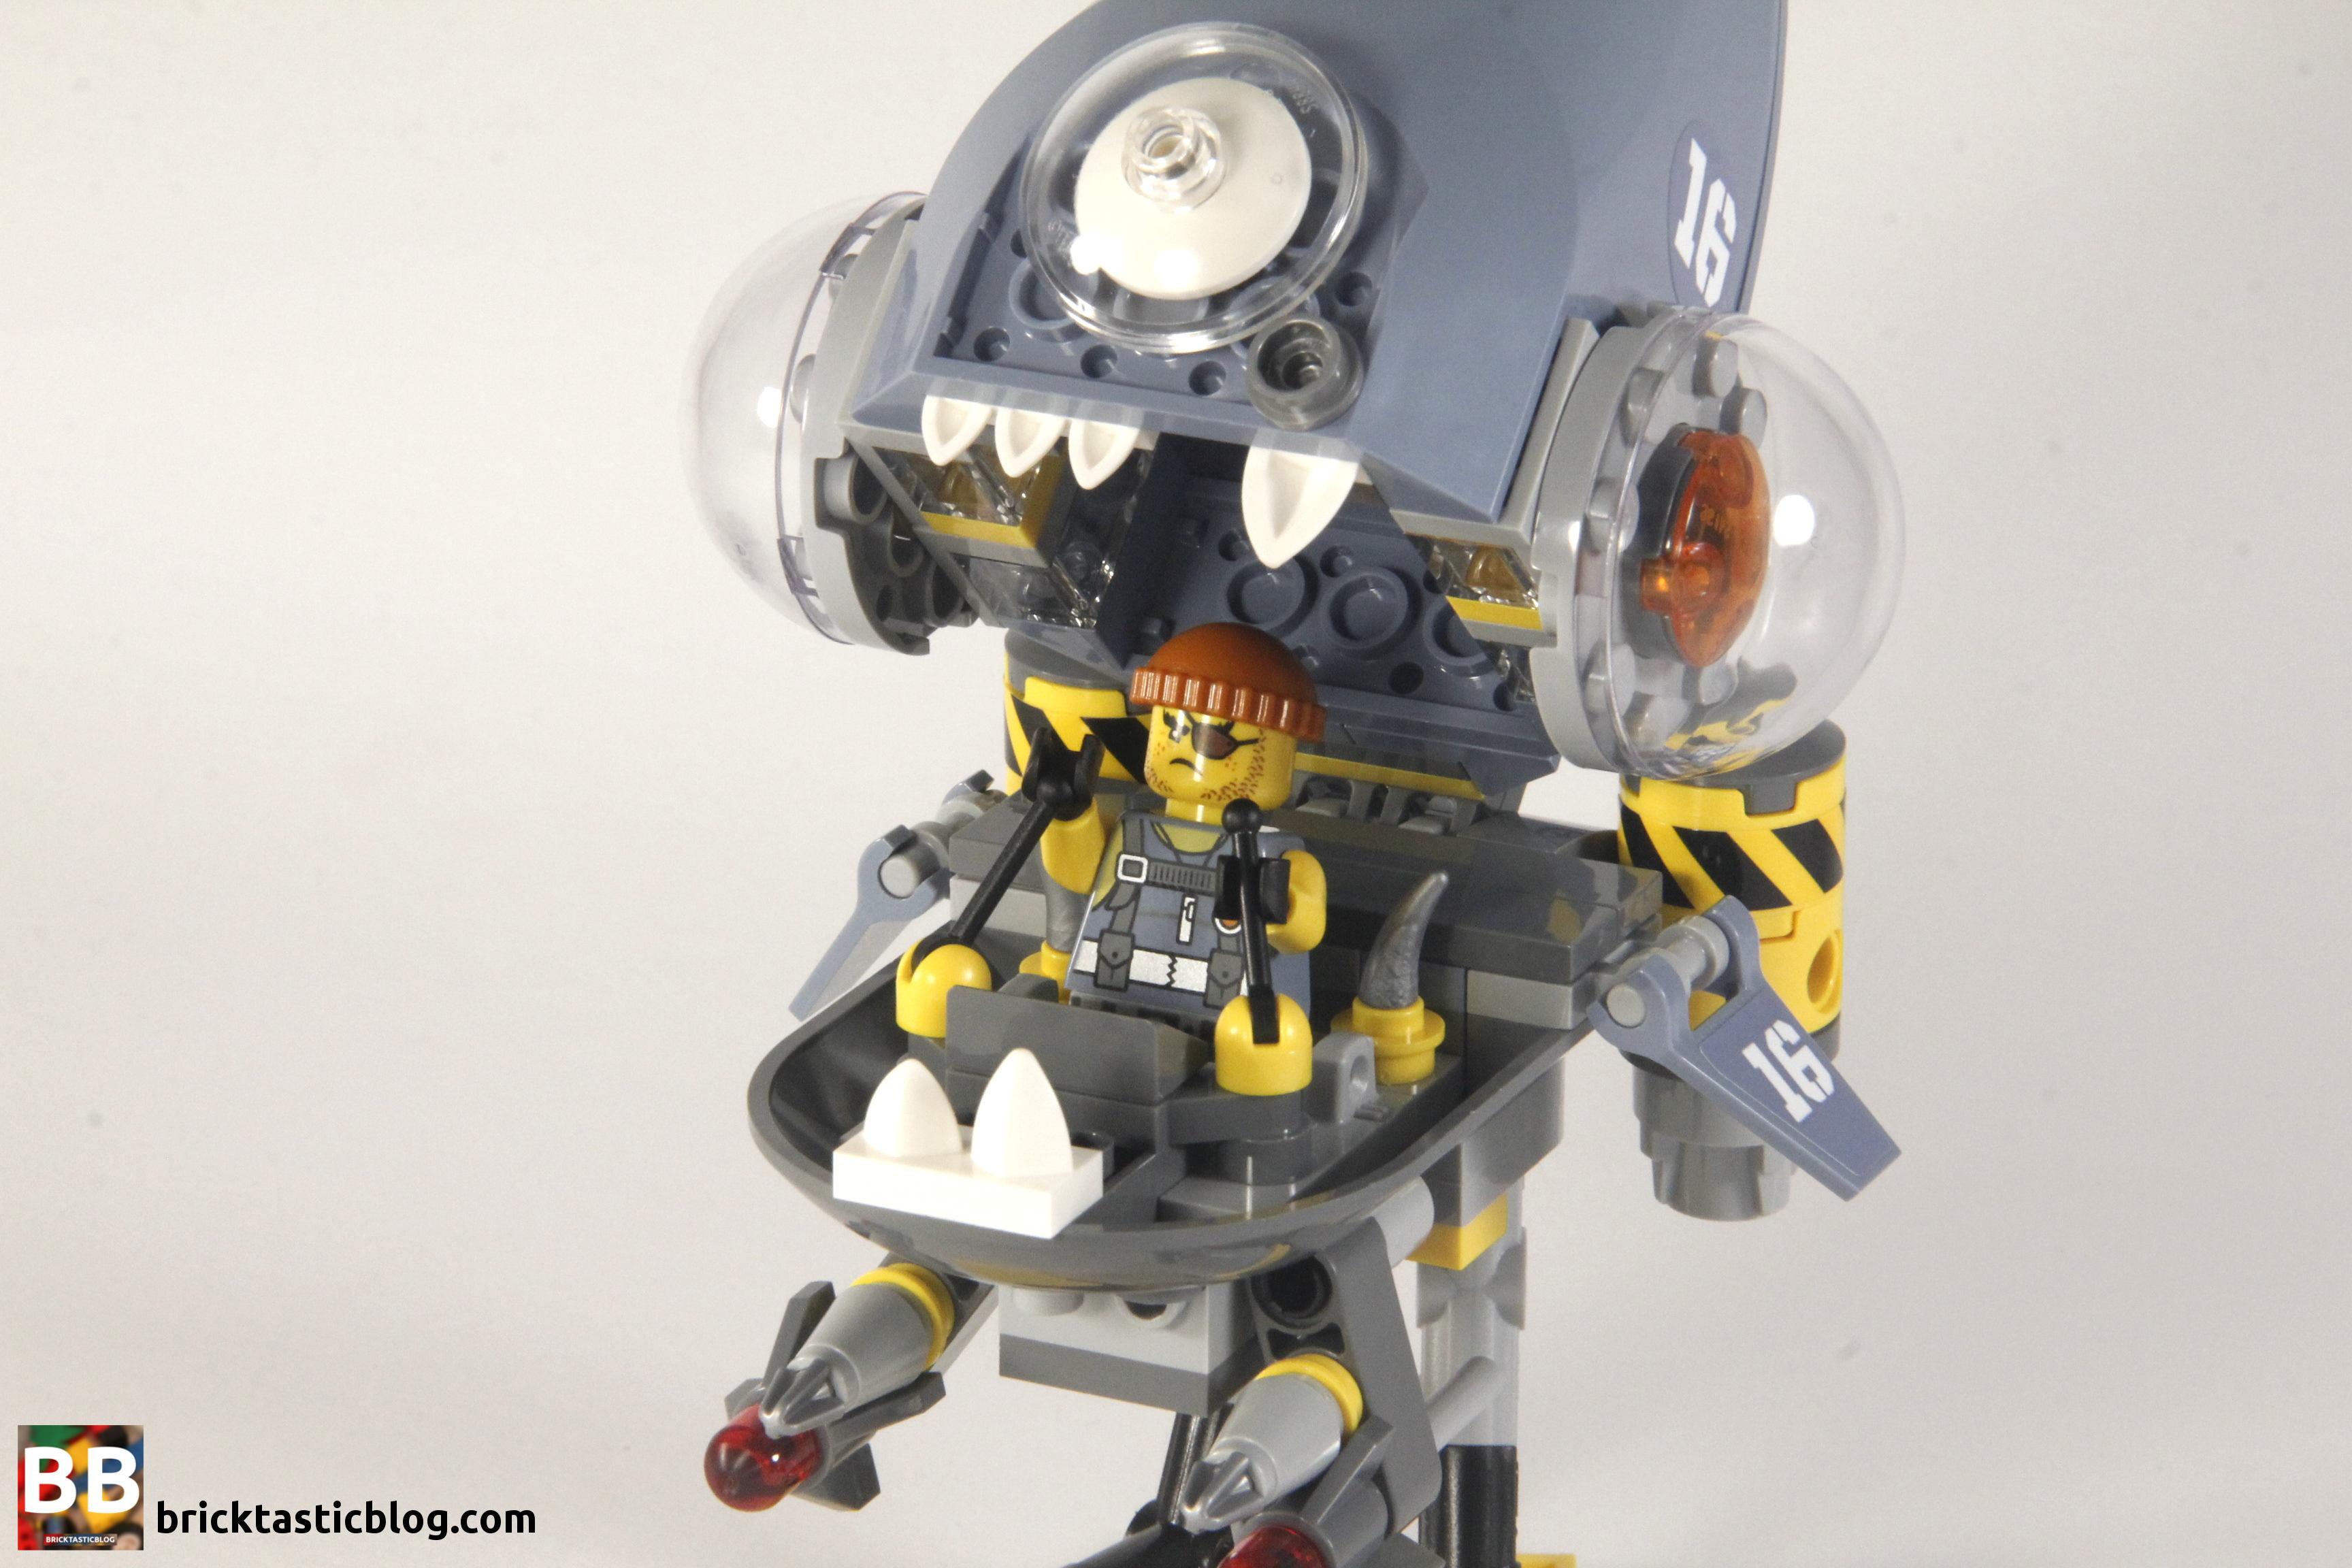 70629 Piranha Attack